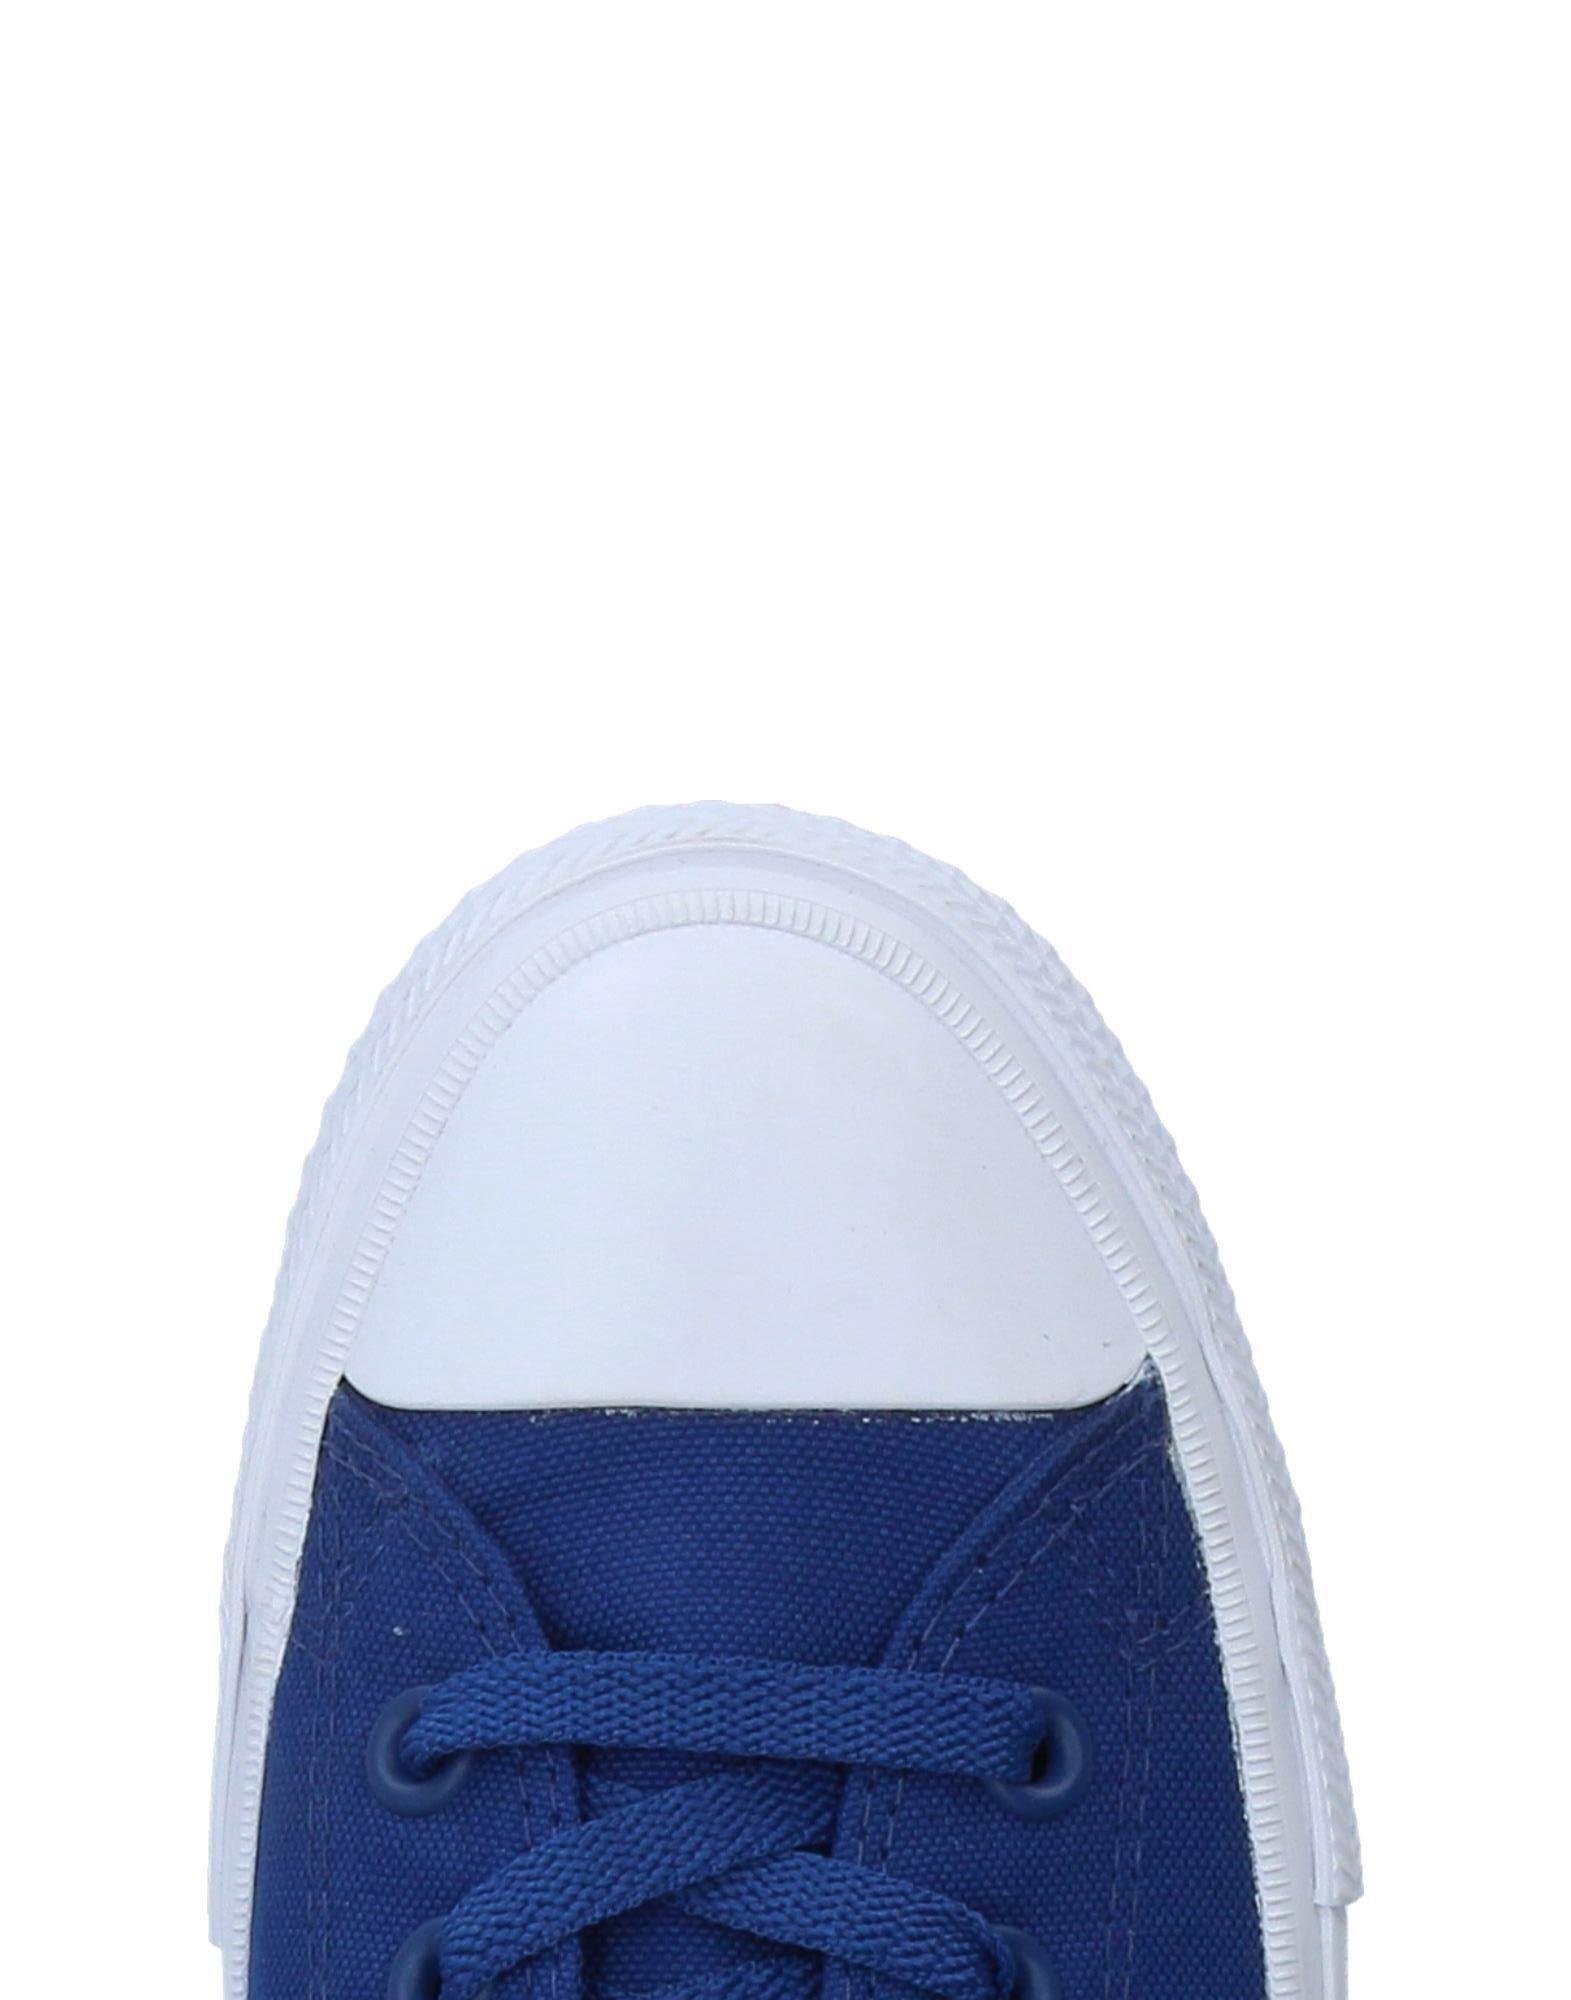 Rabatt echte Sneakers Schuhe Converse All Star Sneakers echte Herren  11264062LO 28f0d9